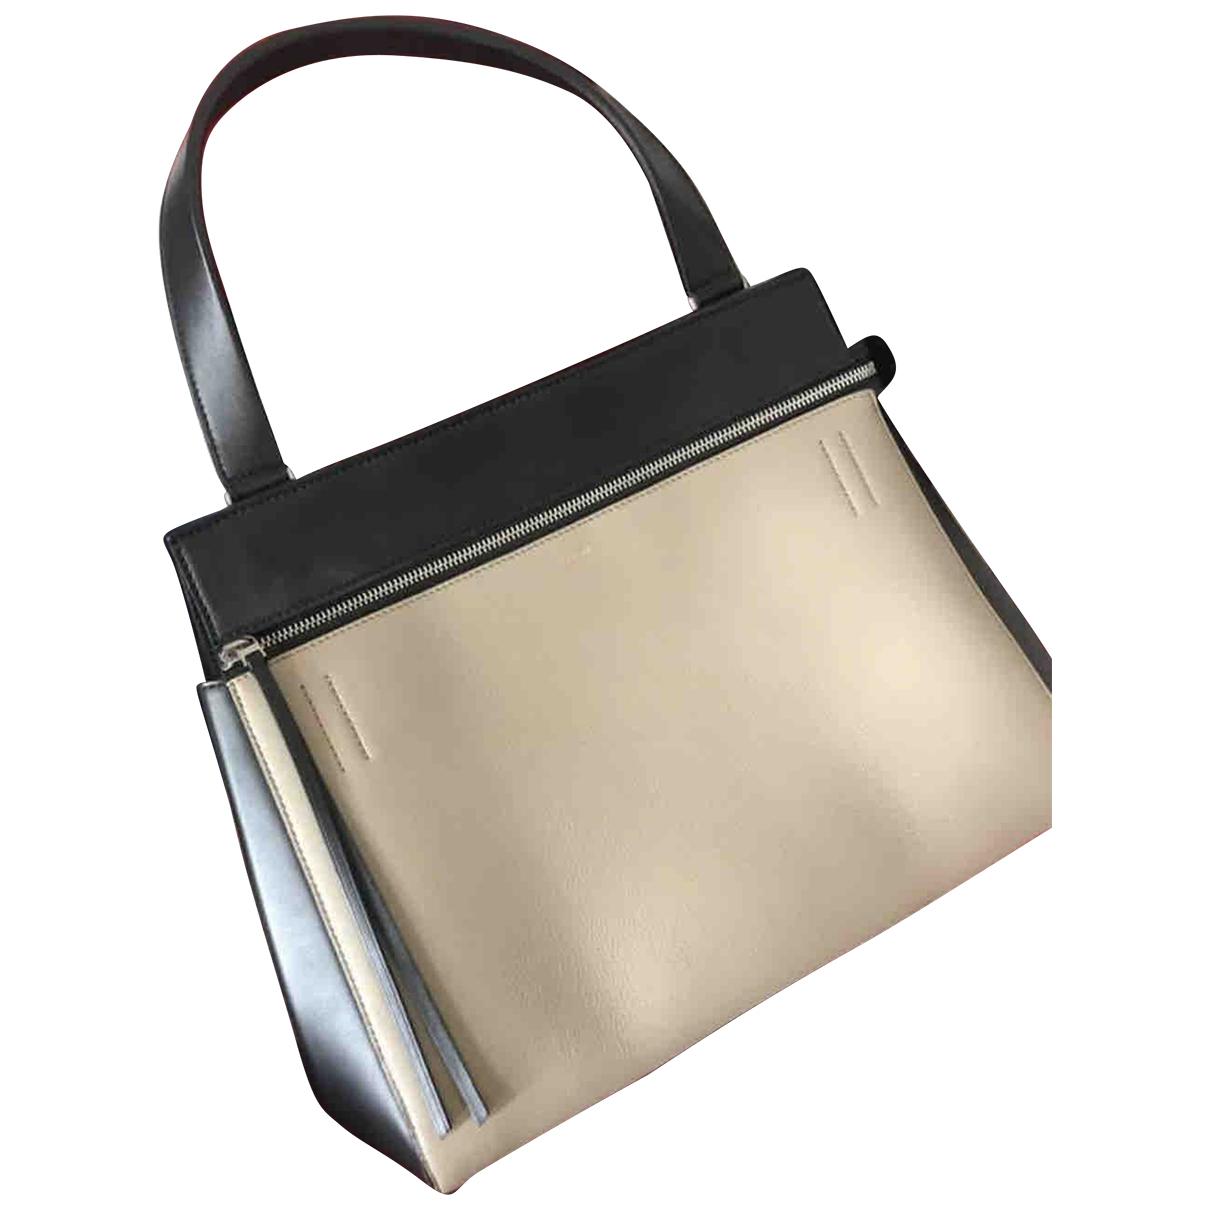 Celine Edge Beige Leather handbag for Women N